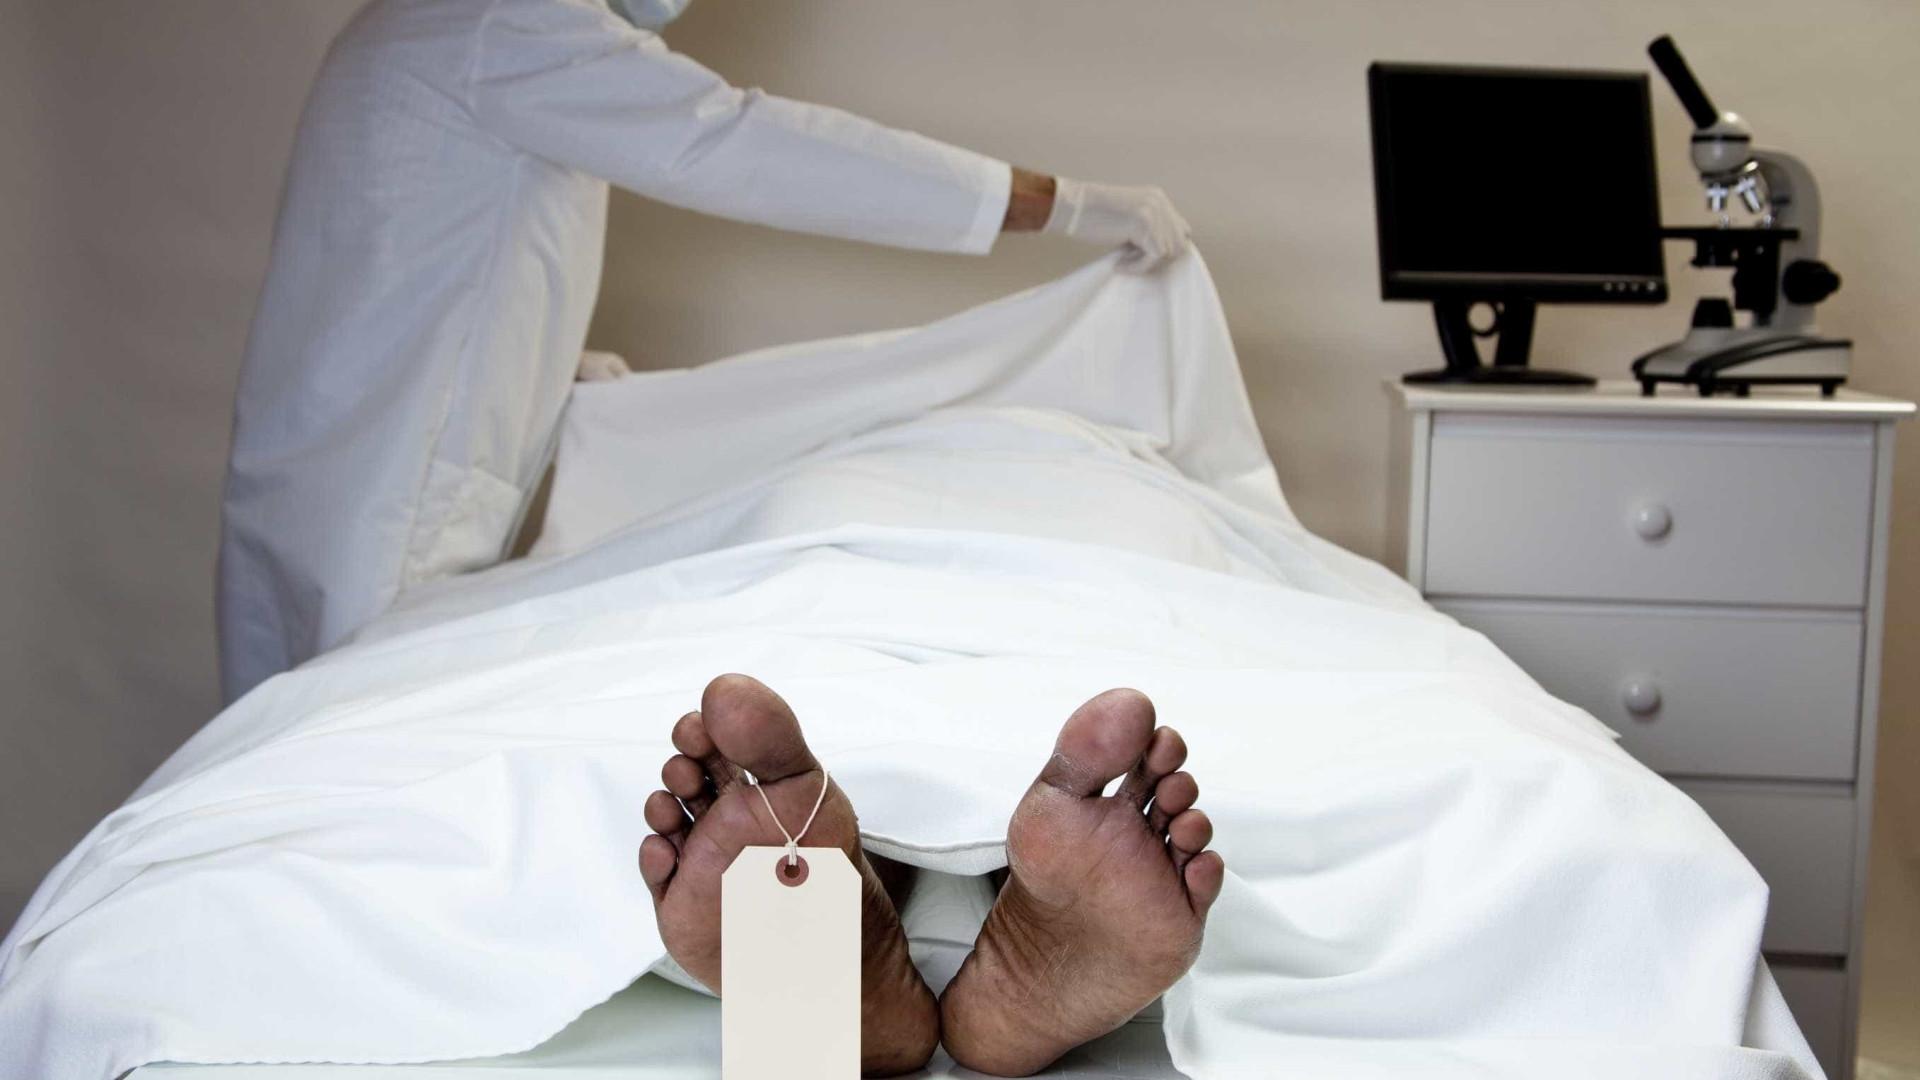 Preso dado como morto por três médicos 'ressuscita' antes da autópsia